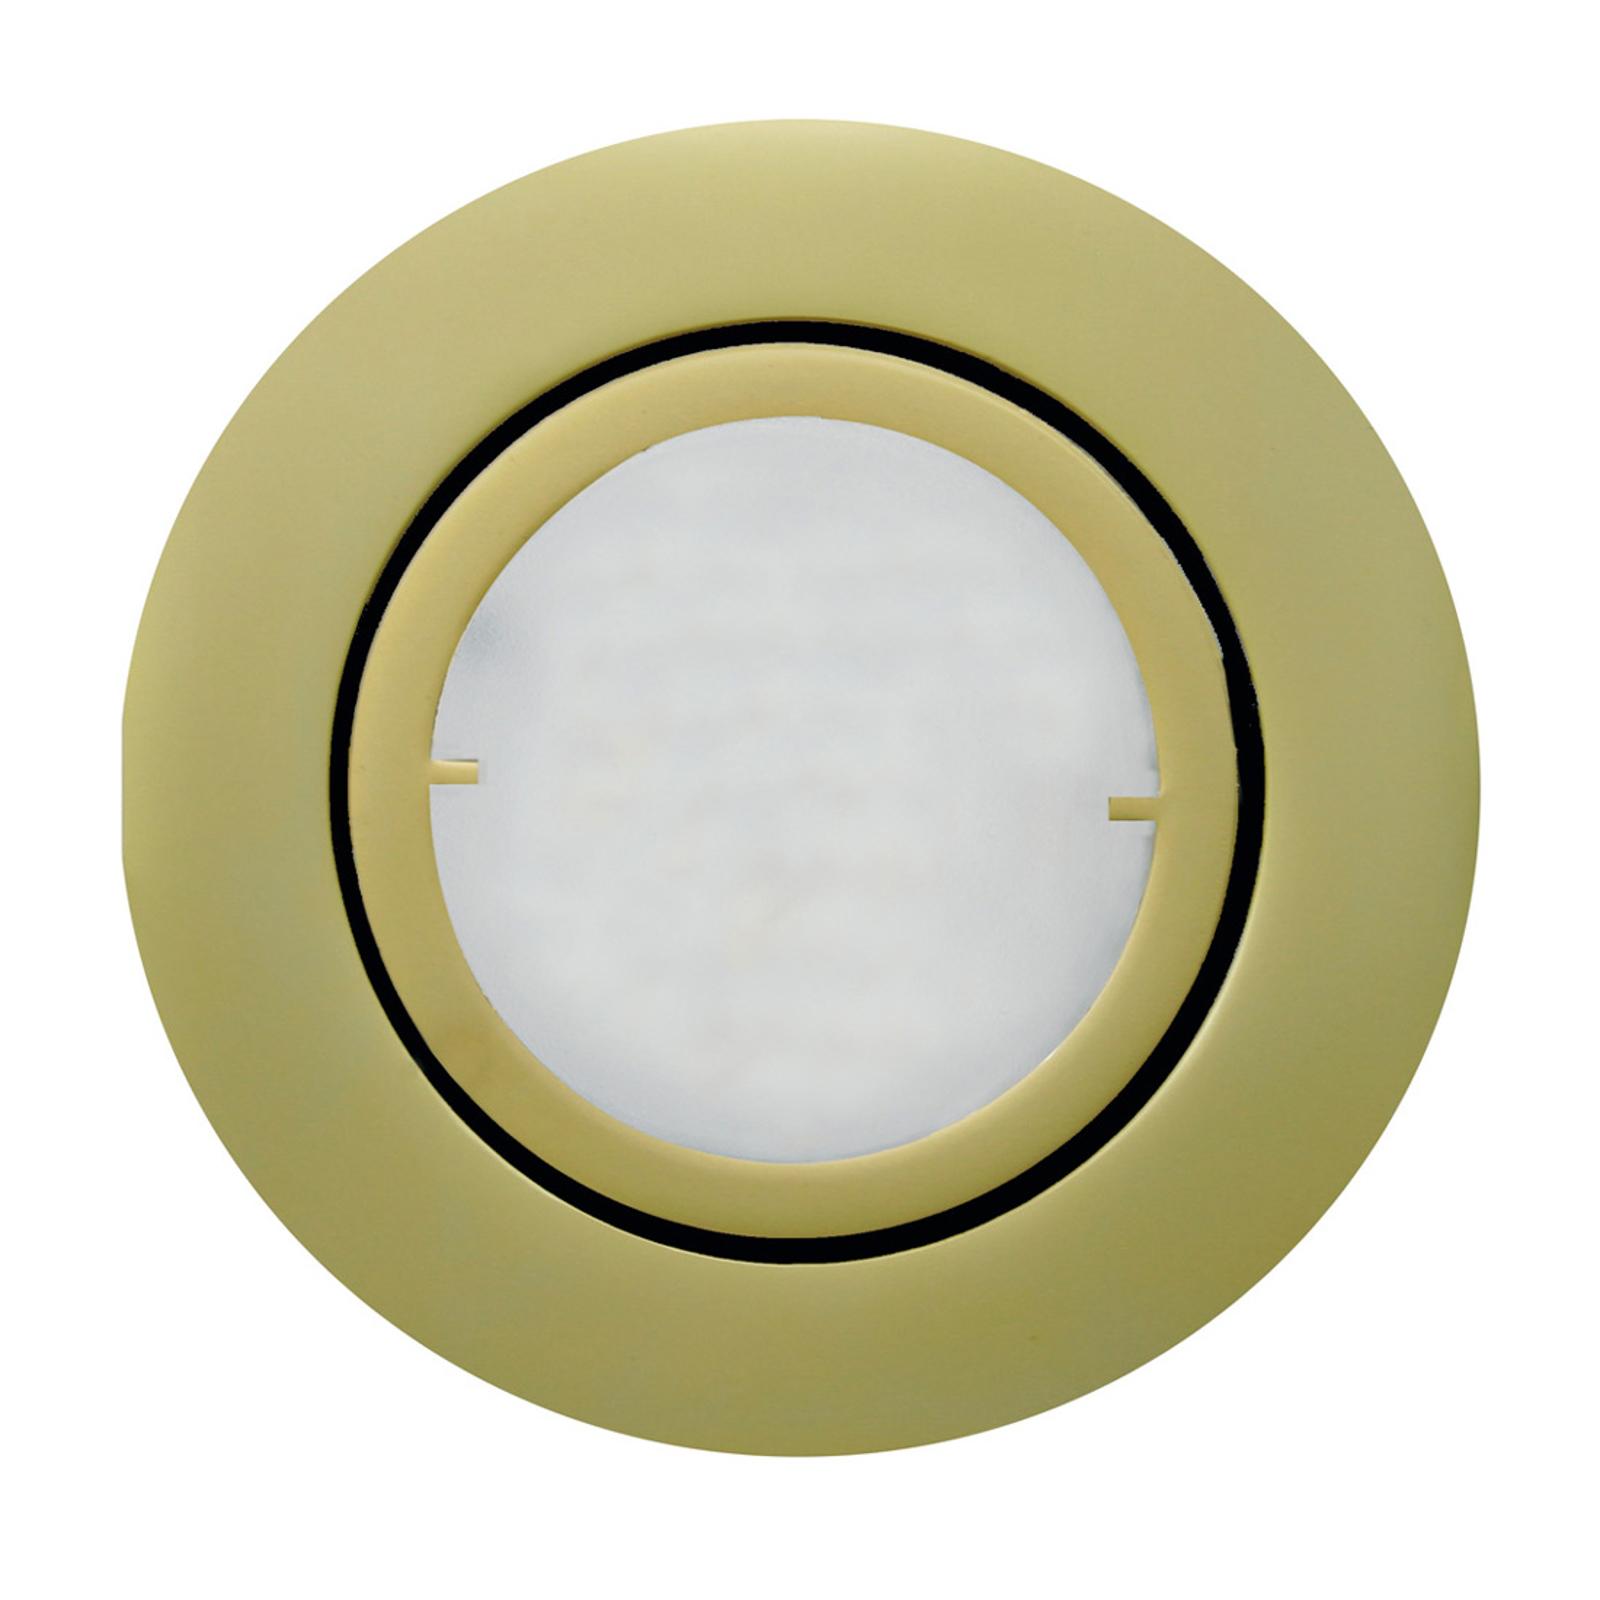 Matt golden LED recessed light Joanie_1524123_1